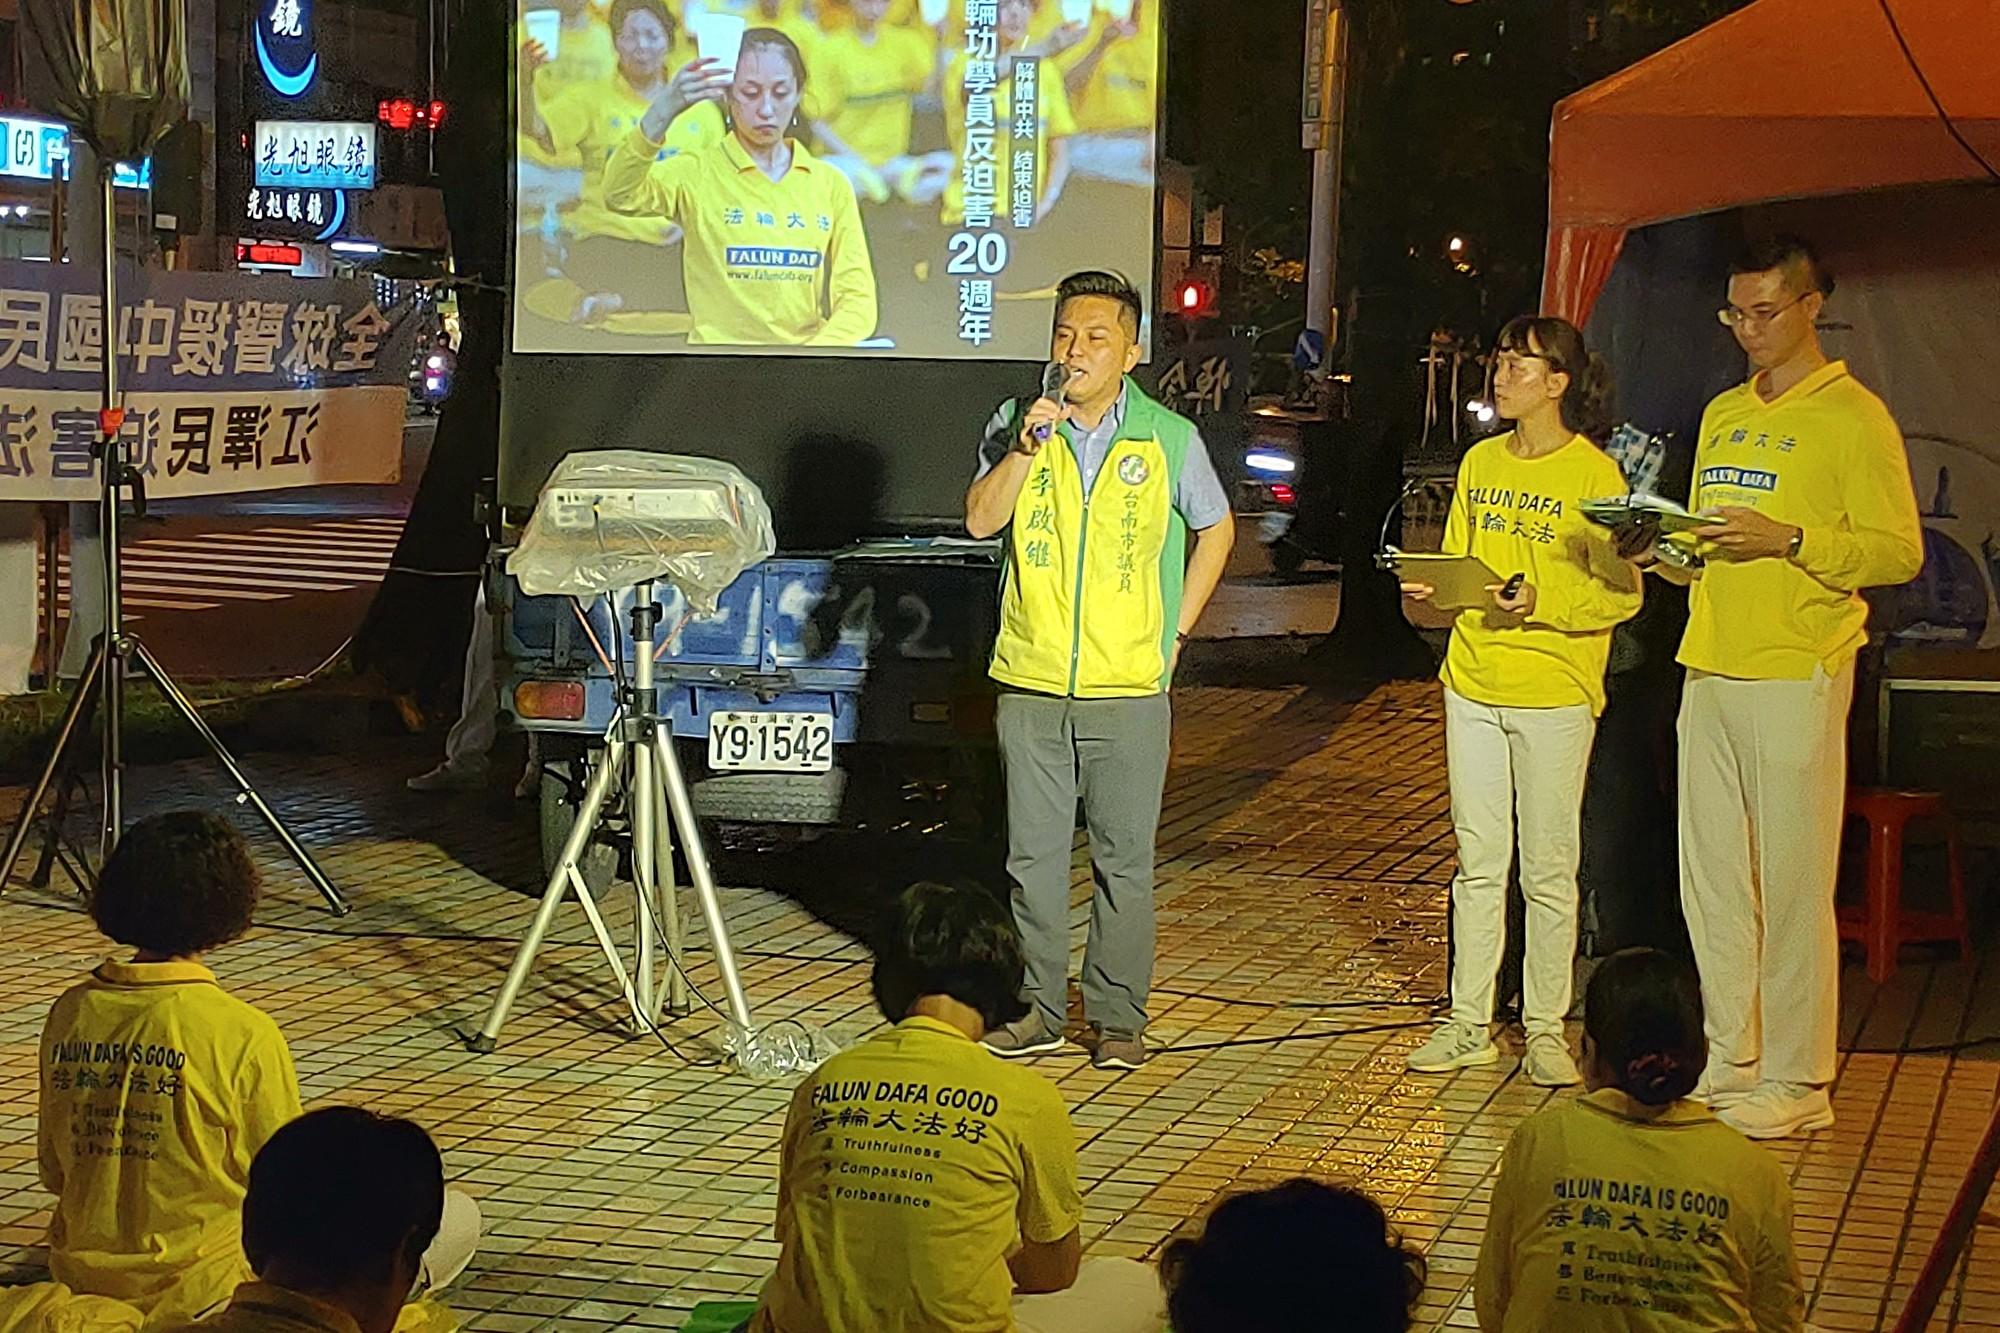 台南市議員李啟維(中)譴責中共迫害法輪功。(賴友容/大紀元)